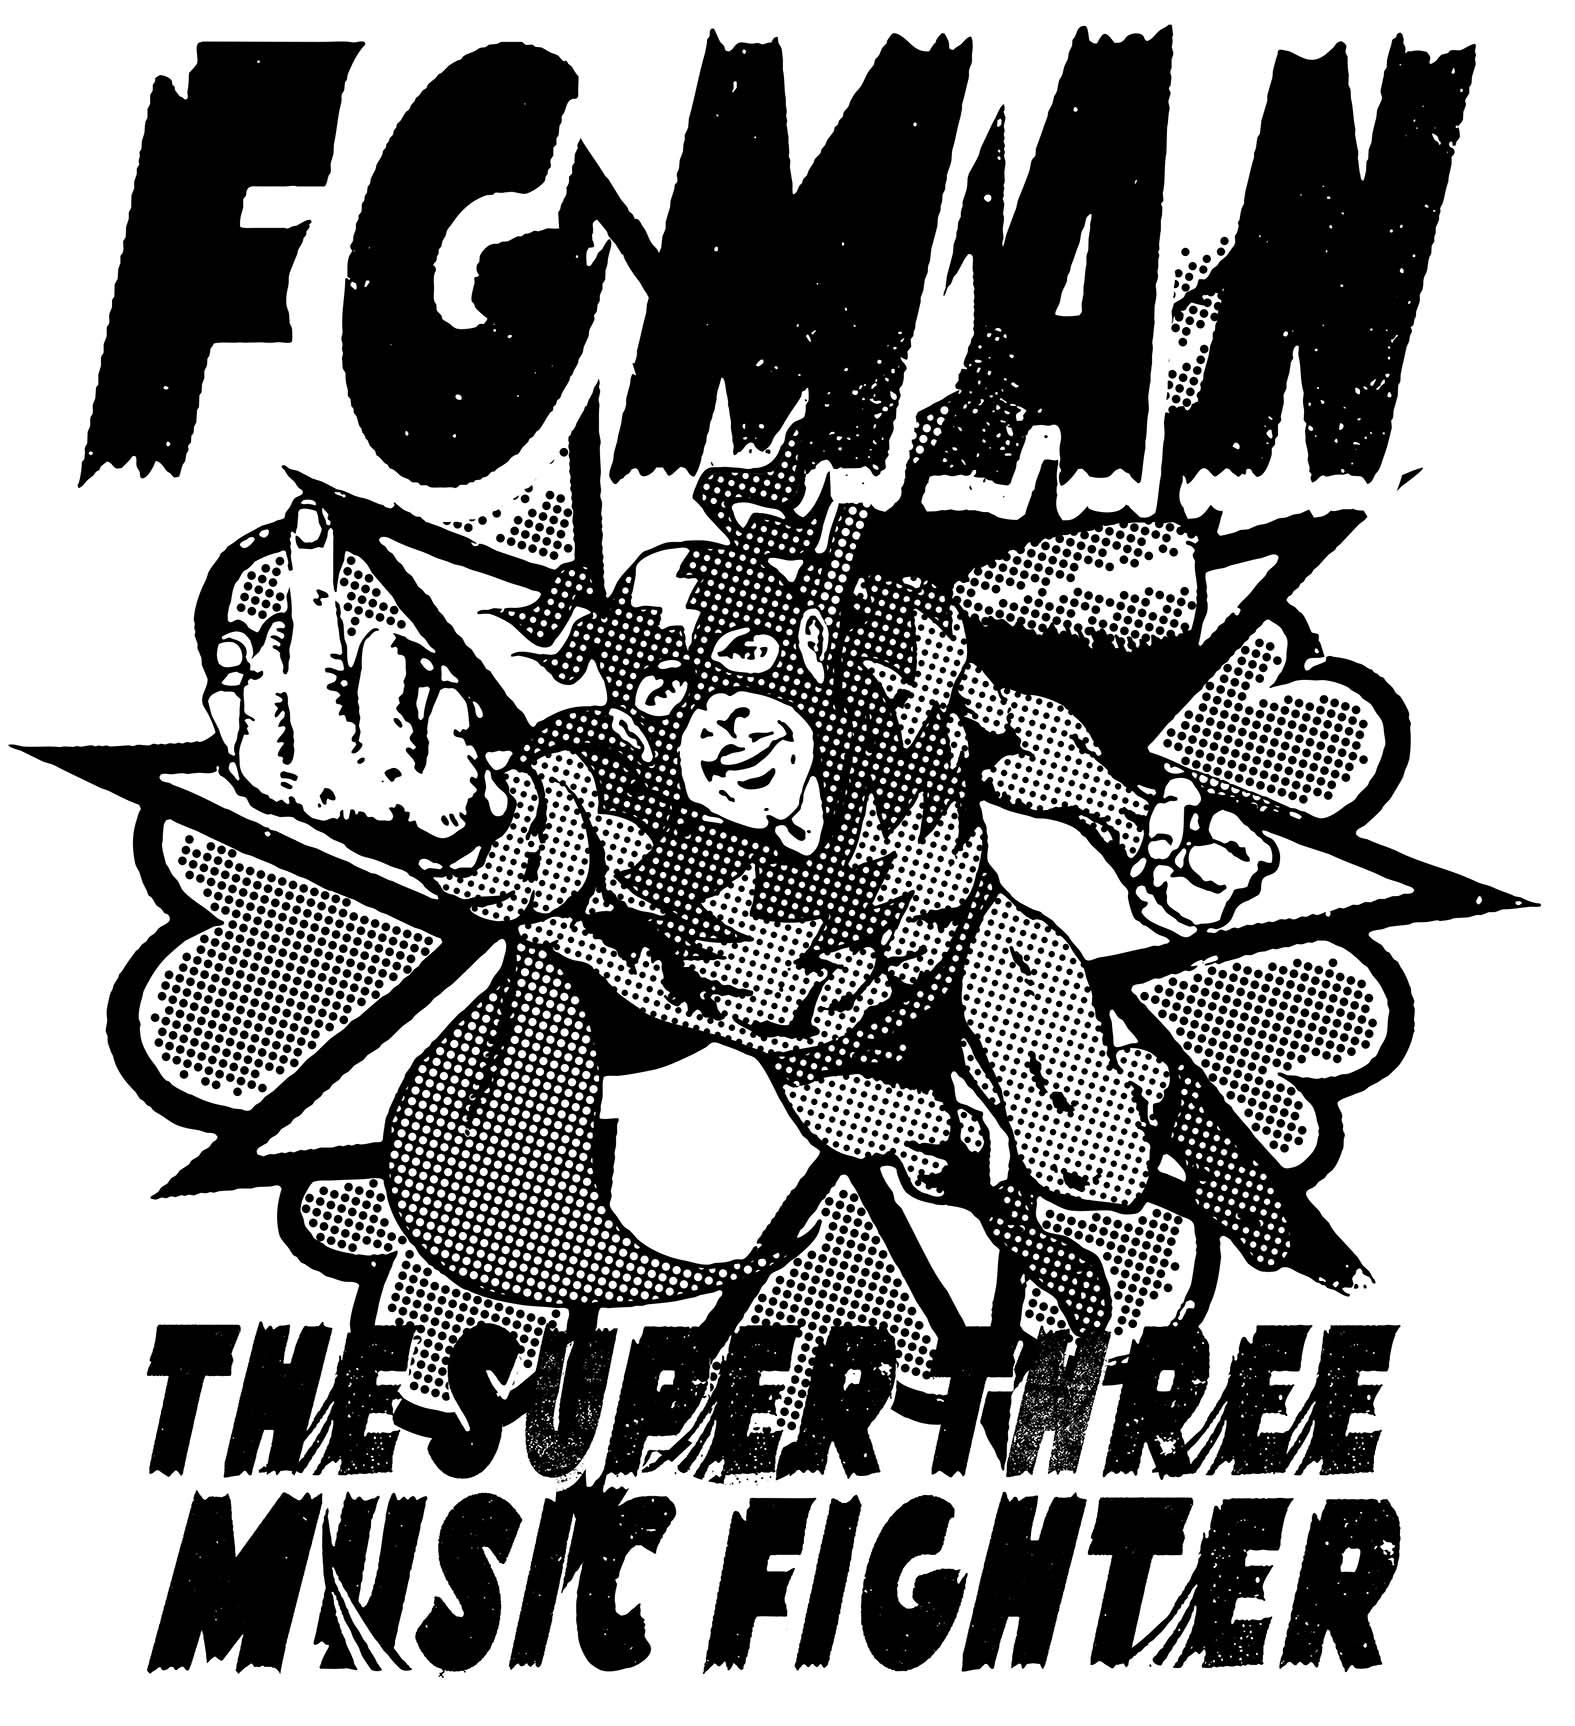 FGMAN_DATA.jpg